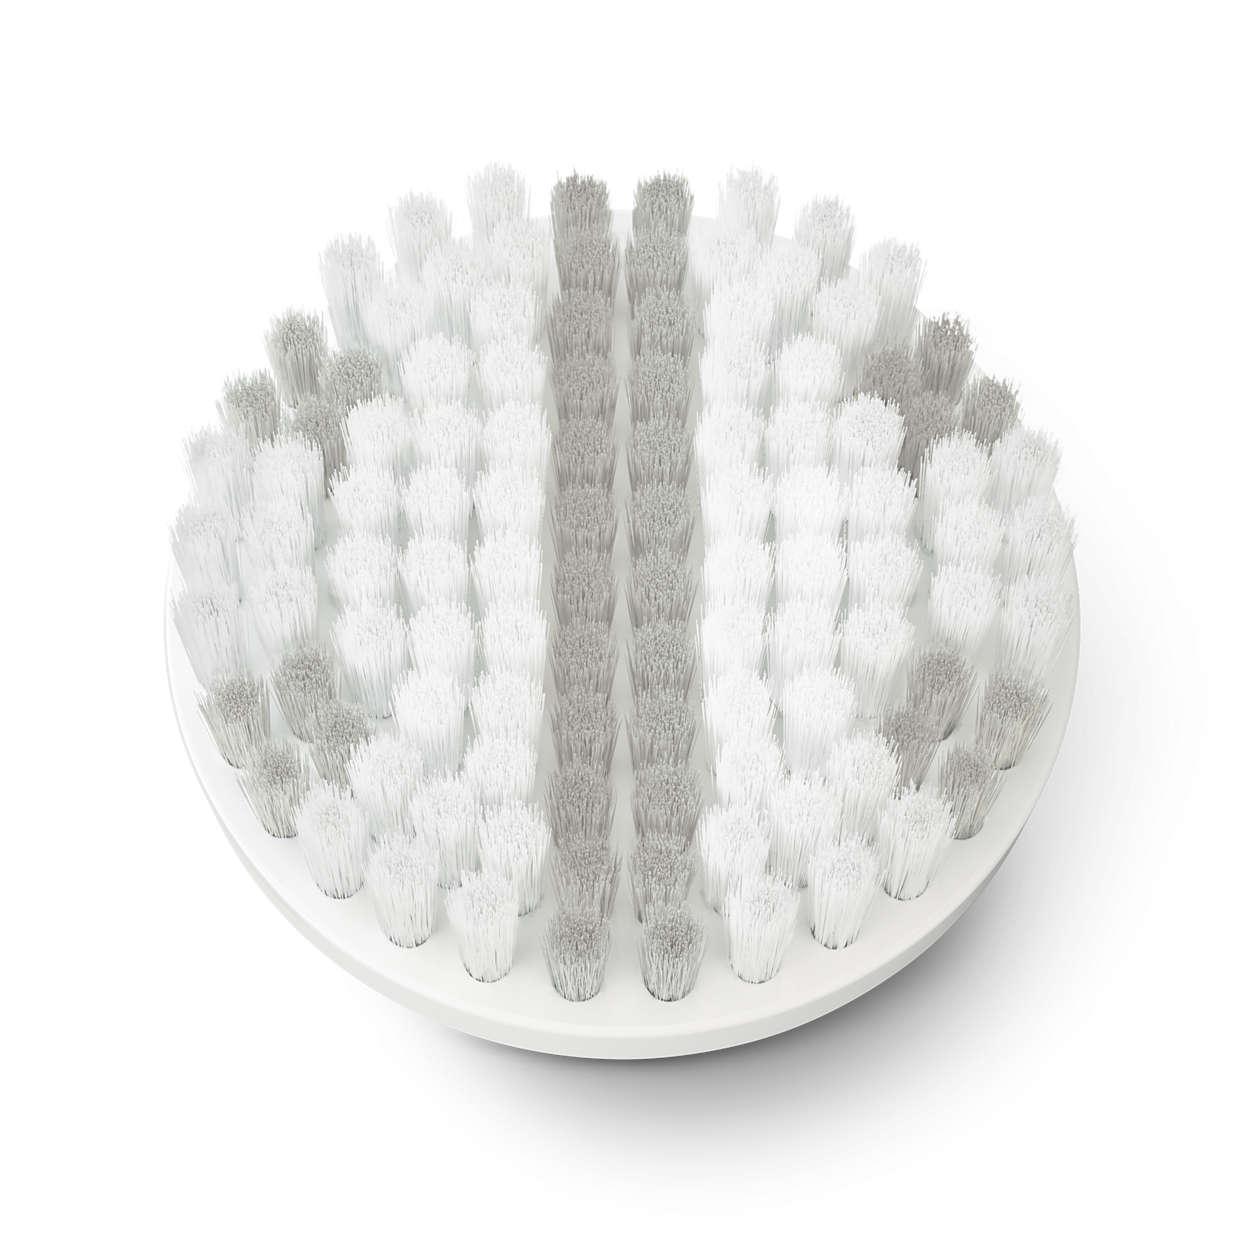 satinelle prestige spazzola esfoliante corpo bre394 20 philips. Black Bedroom Furniture Sets. Home Design Ideas